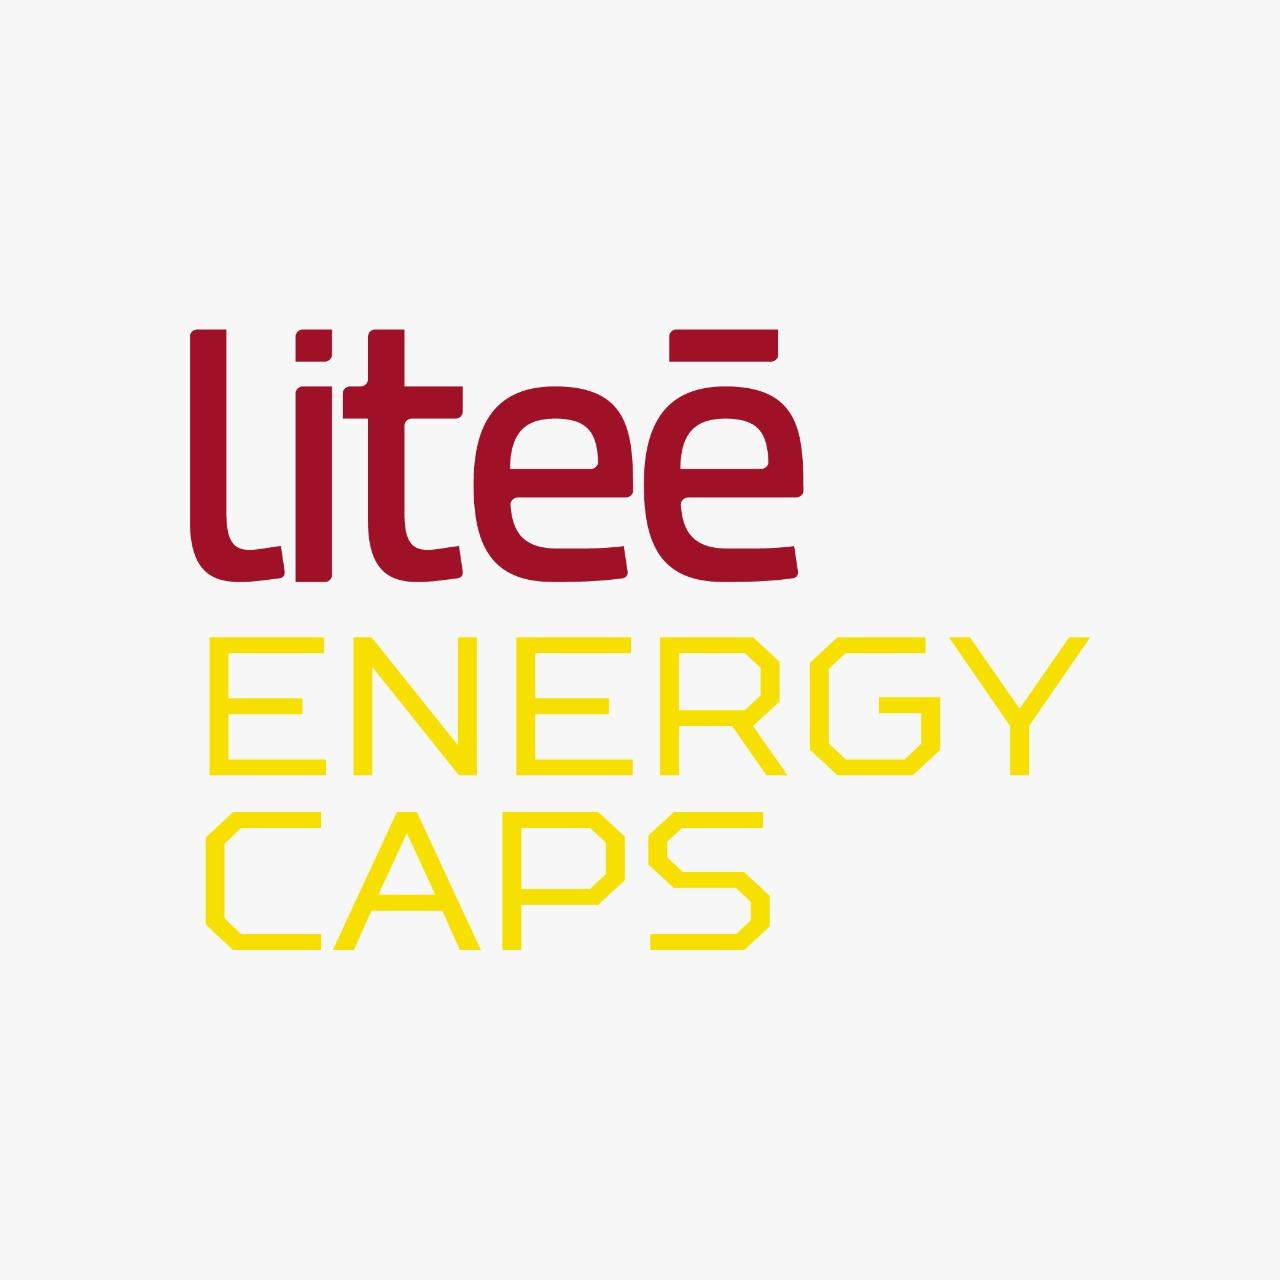 https://www.lojalitee.com.br/fitness/litee-energycaps-10-capsulas-de-cafeina-420mg